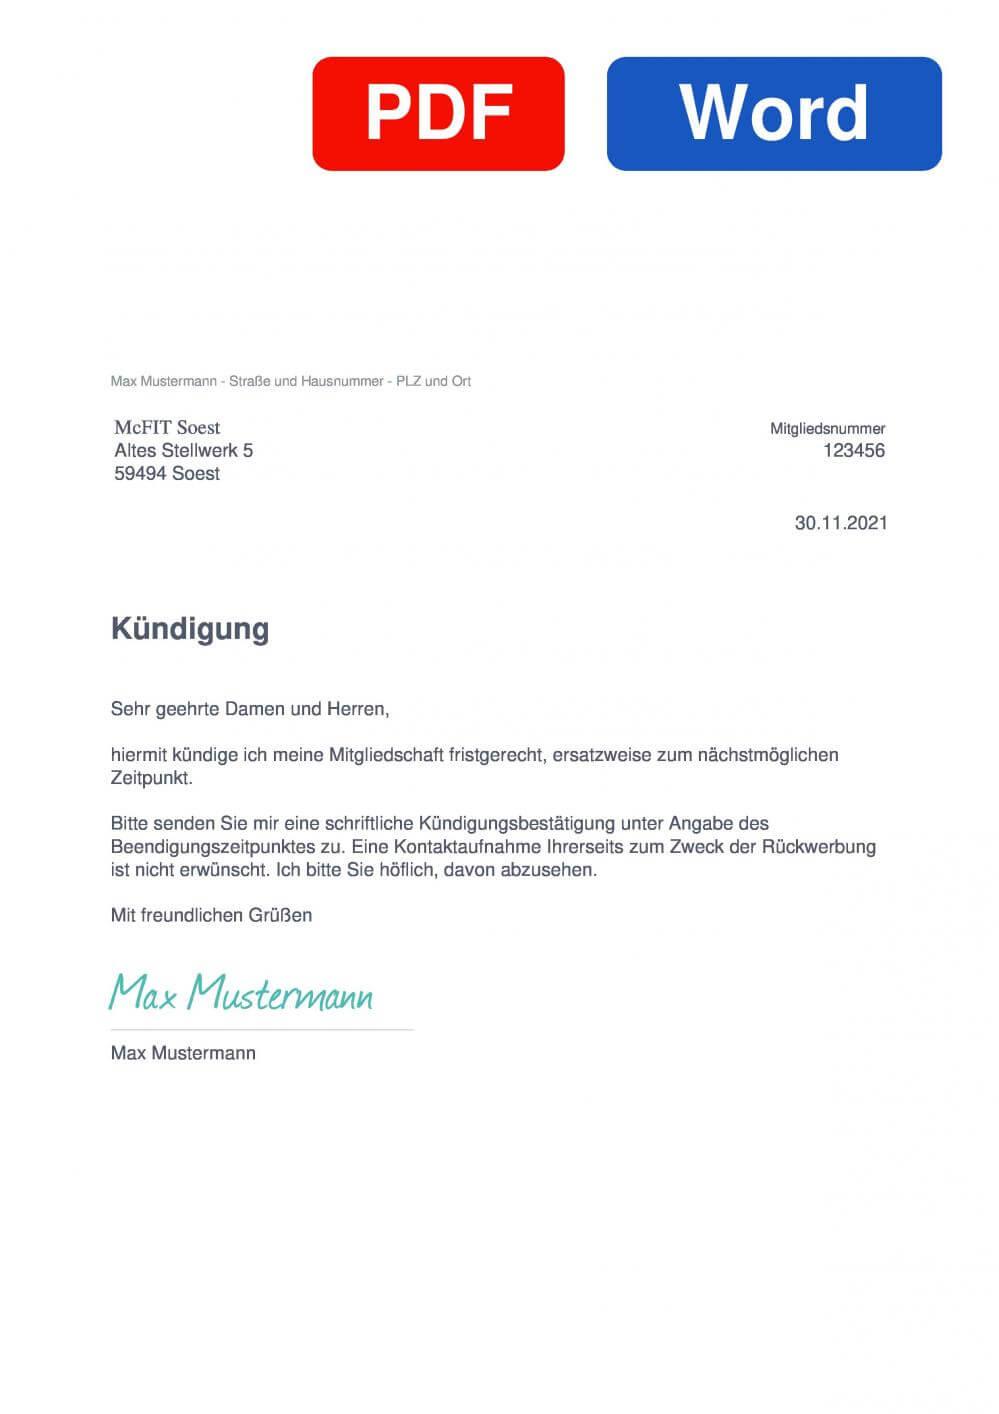 McFIT Soest Muster Vorlage für Kündigungsschreiben